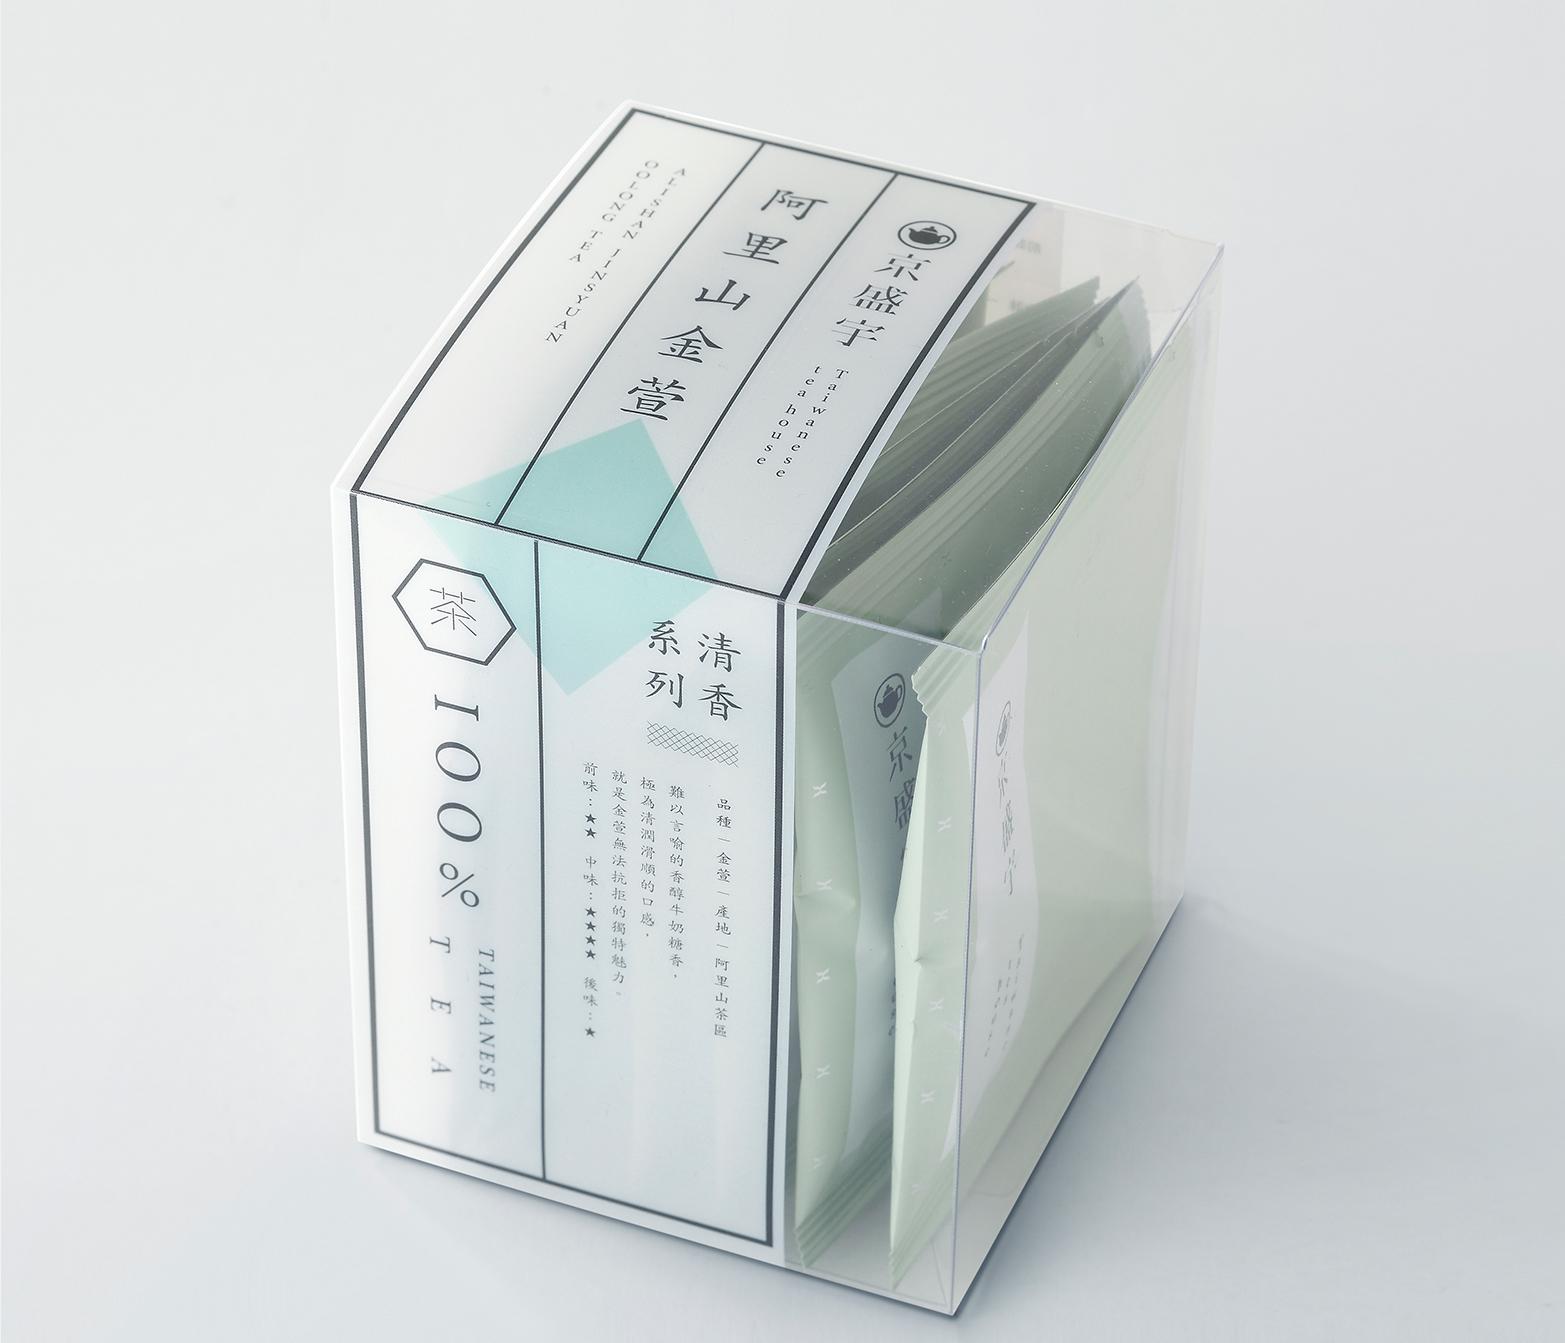 阿里山金萱8入盒裝袋茶 金萱樹種特有的奶糖香,觸動味蕾的驚喜口感。